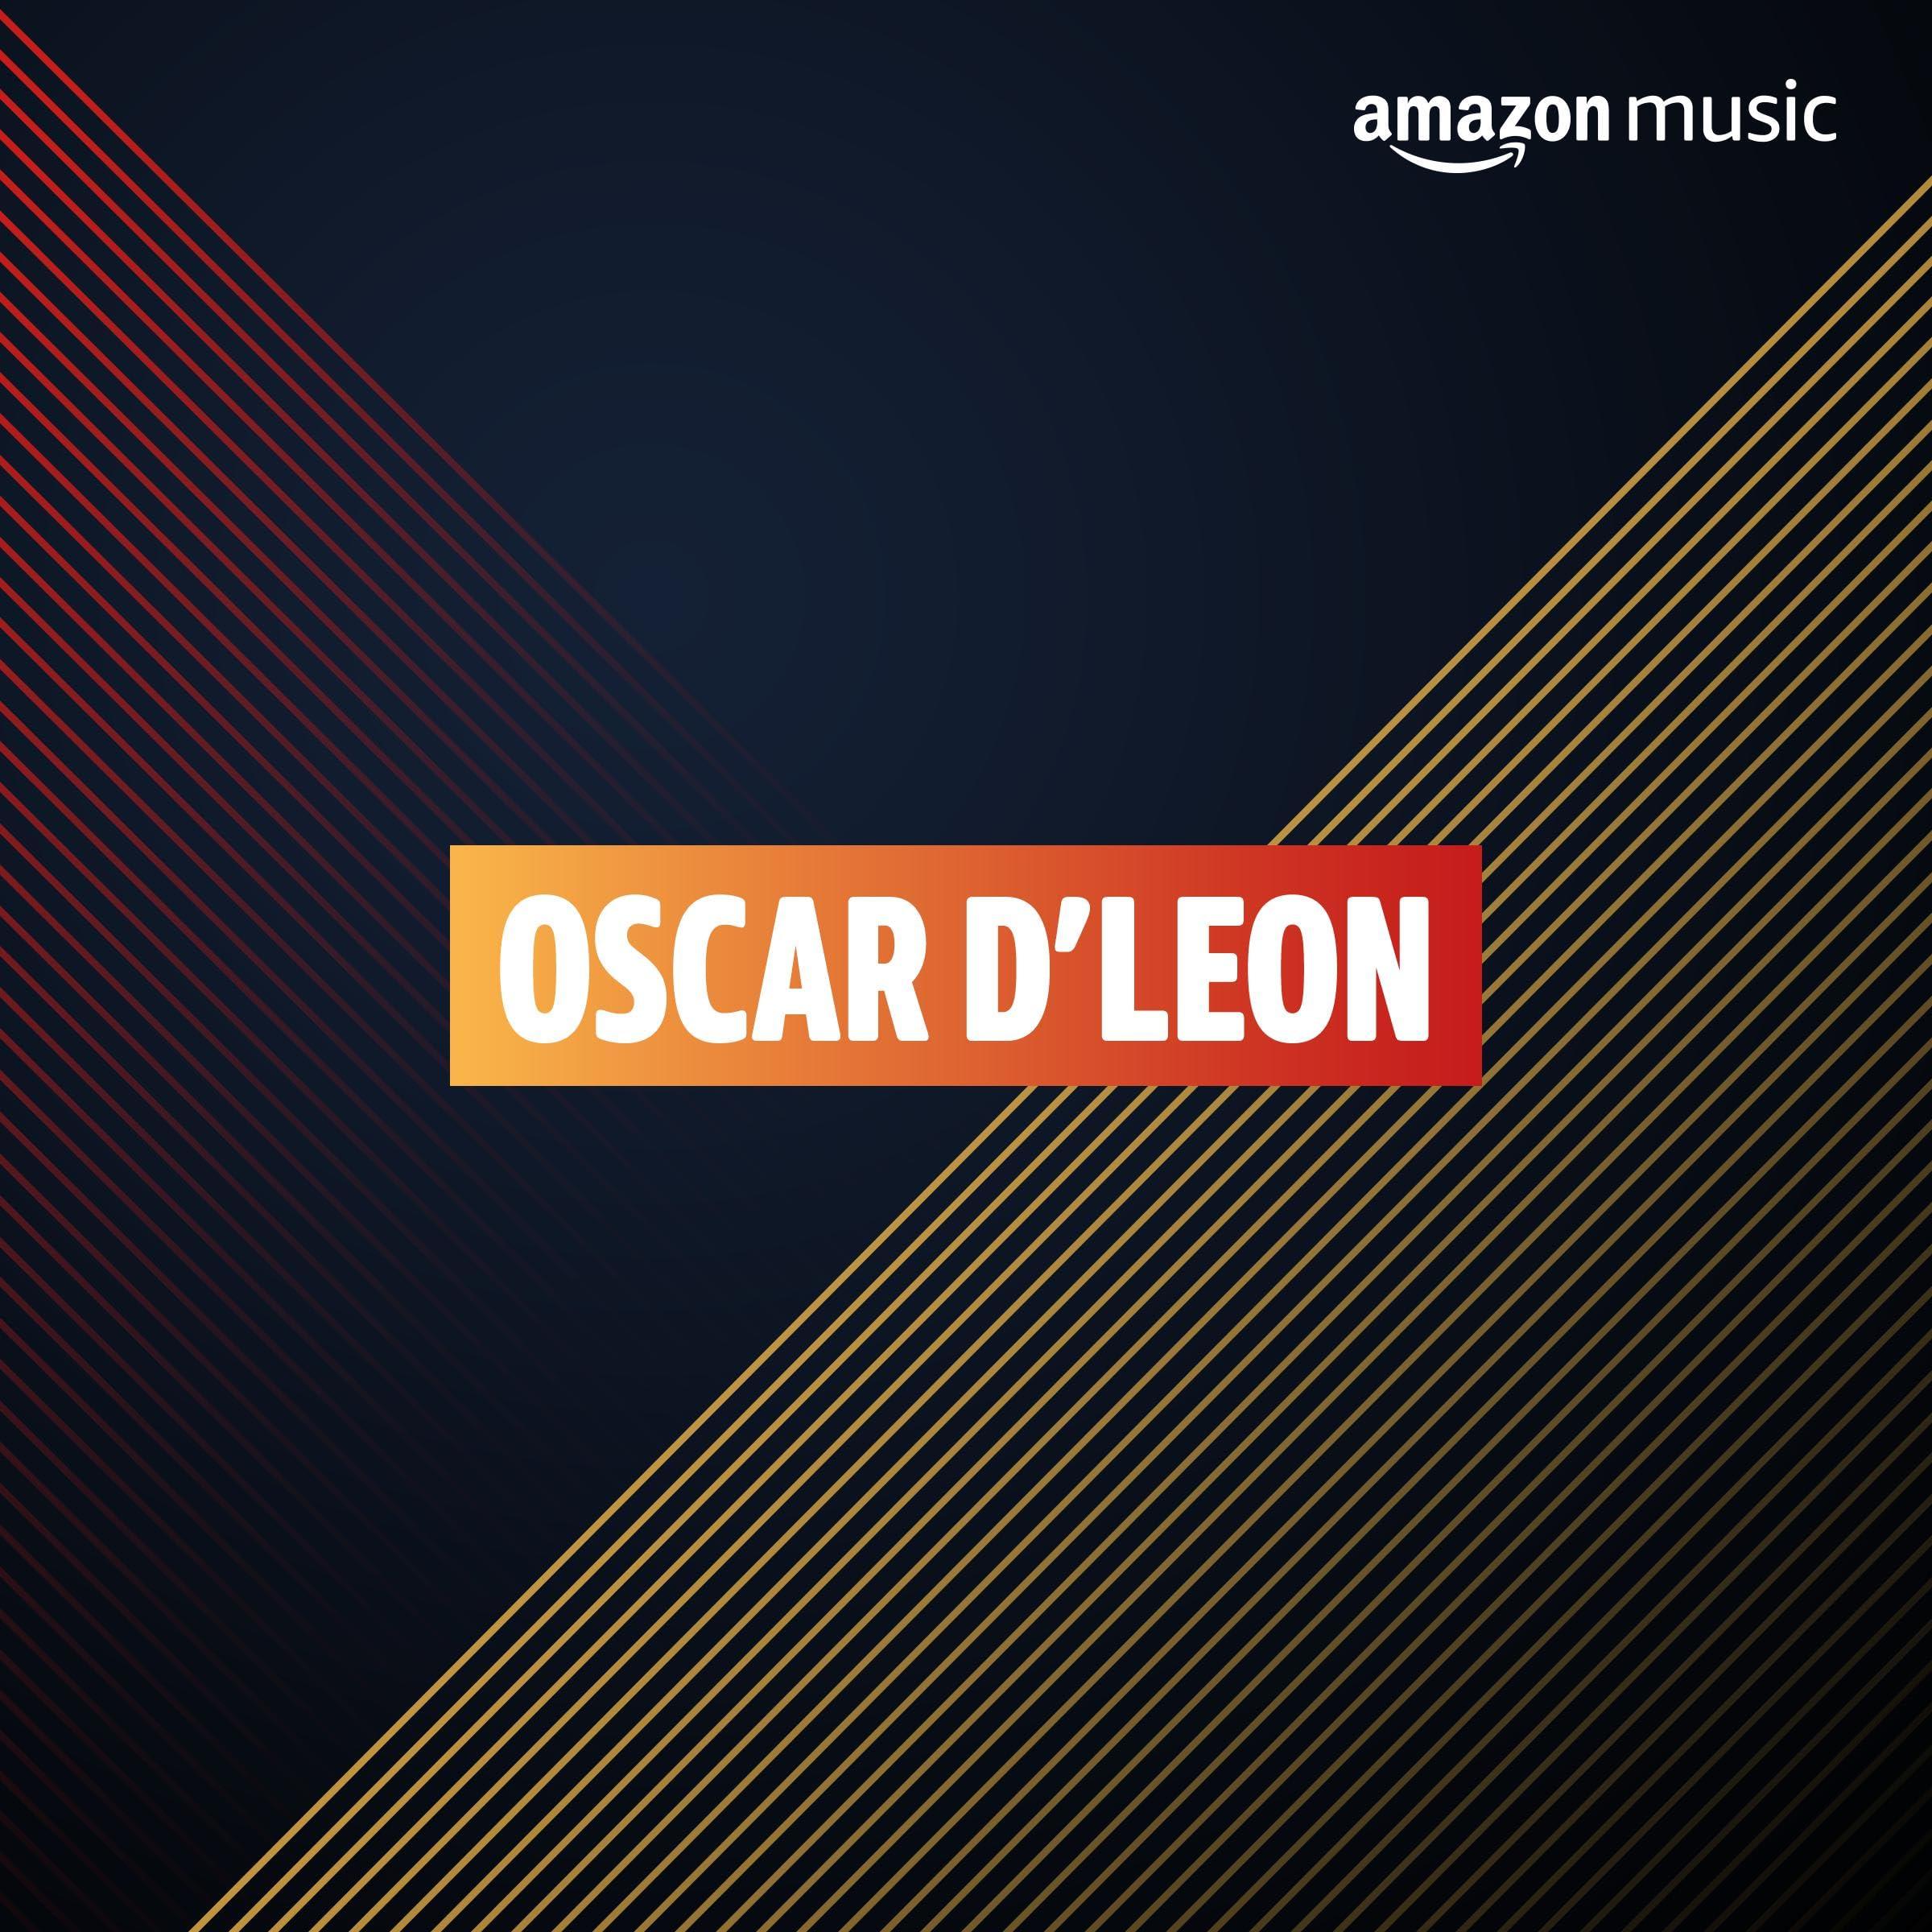 Oscar D'Leon